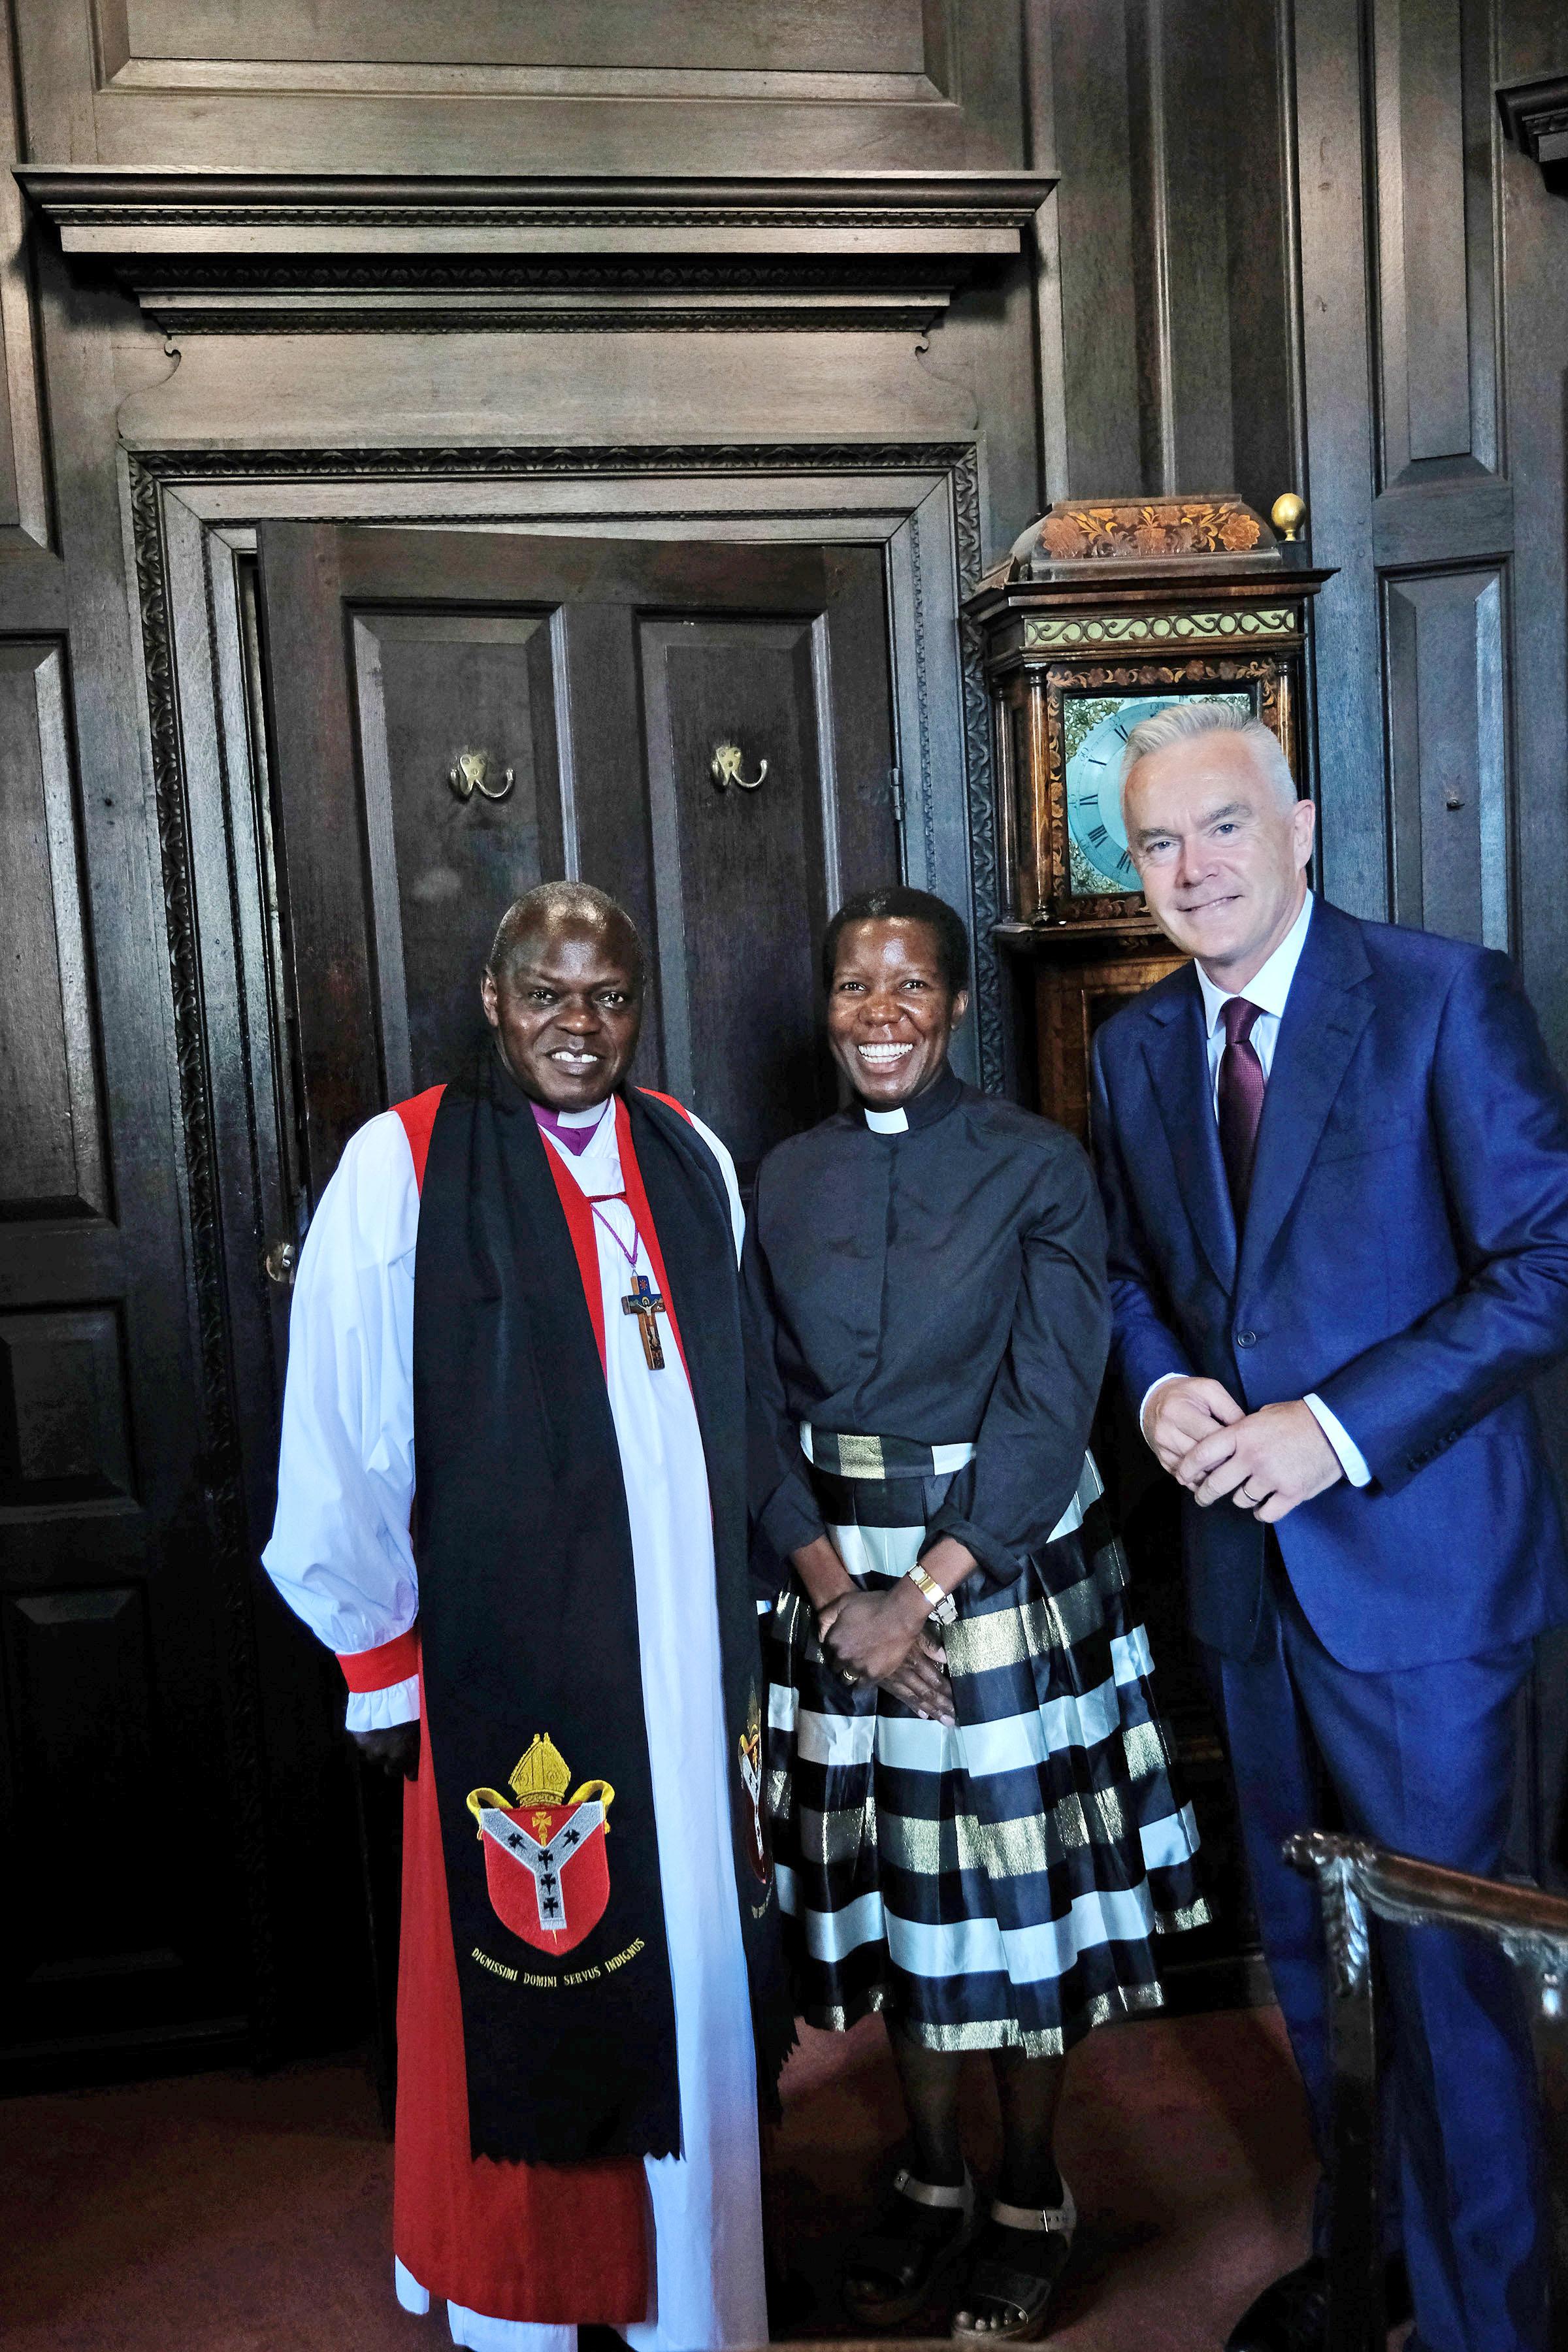 Archbishop of York, Rev Grace Sentamu-Baverstock, Huw Edwards